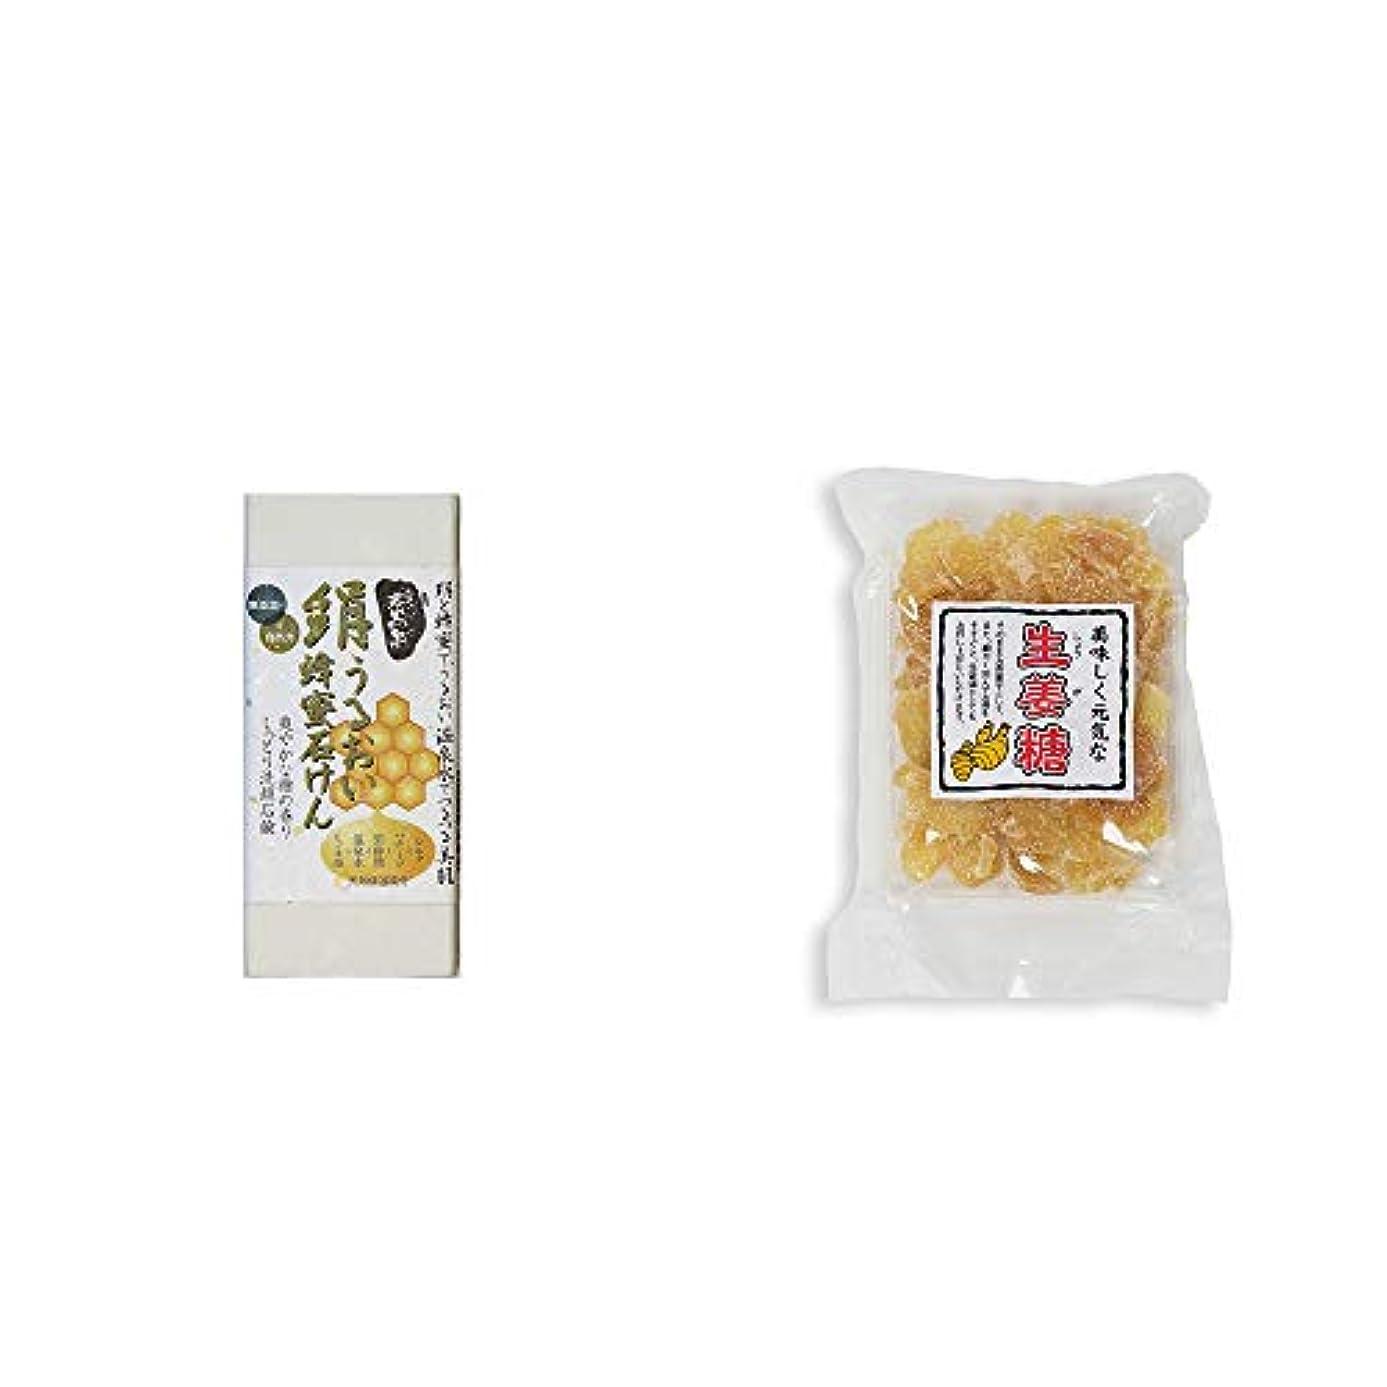 旋回飛ぶ怠けた[2点セット] ひのき炭黒泉 絹うるおい蜂蜜石けん(75g×2)?生姜糖(230g)